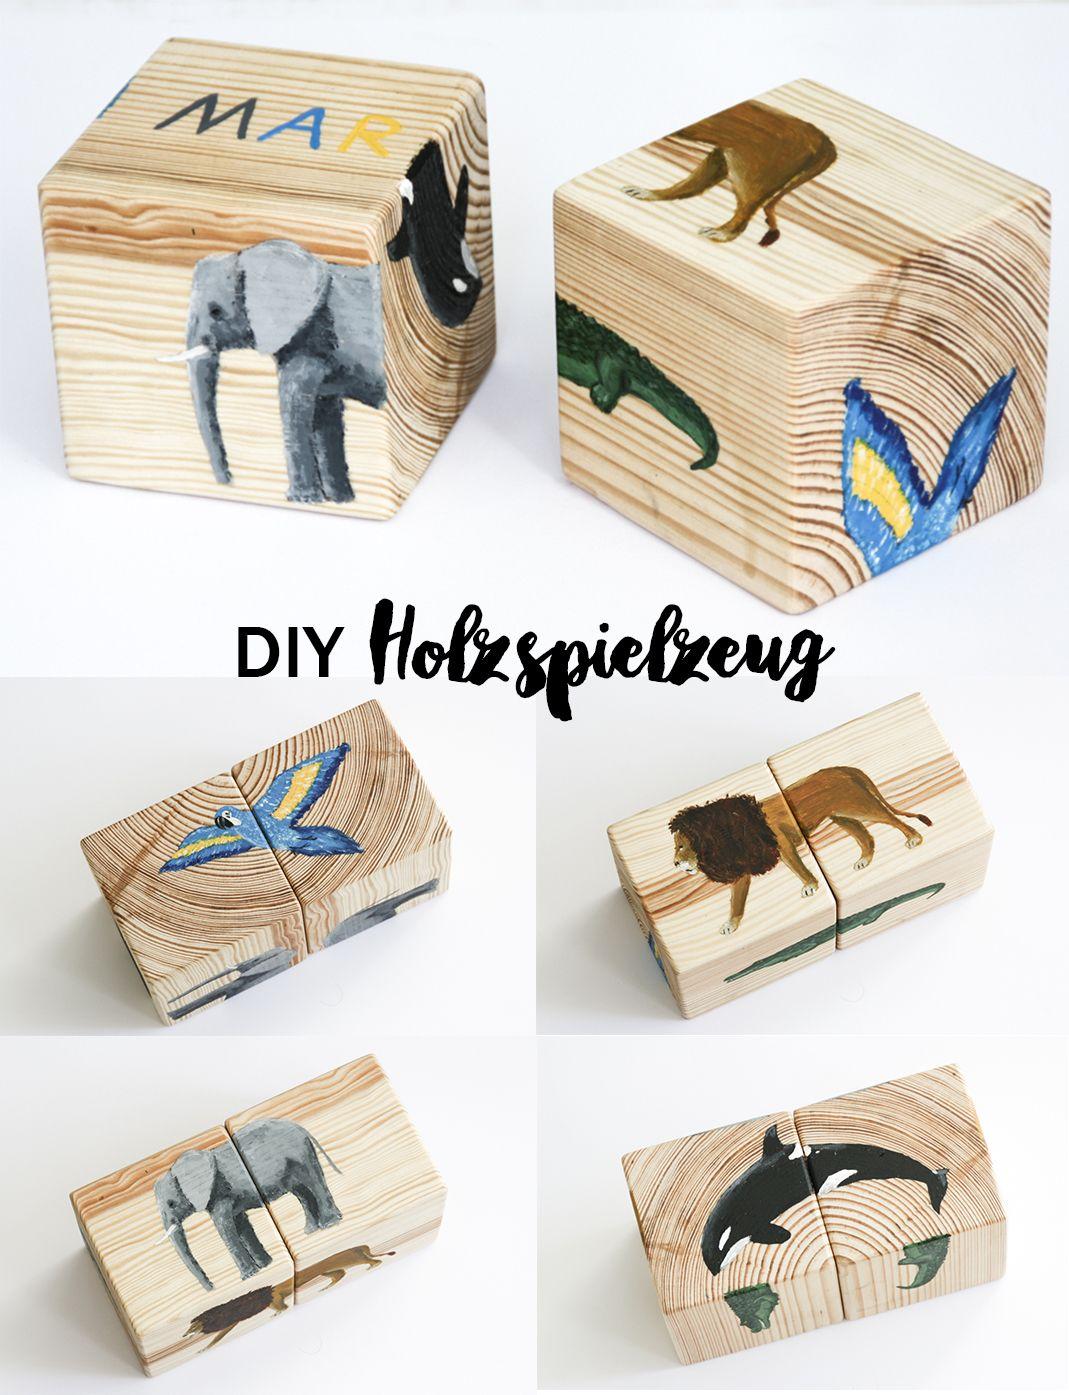 diy holzspielzeug selbstgemacht puzzles f r kinder holzw rfel und selber machen anleitungen. Black Bedroom Furniture Sets. Home Design Ideas